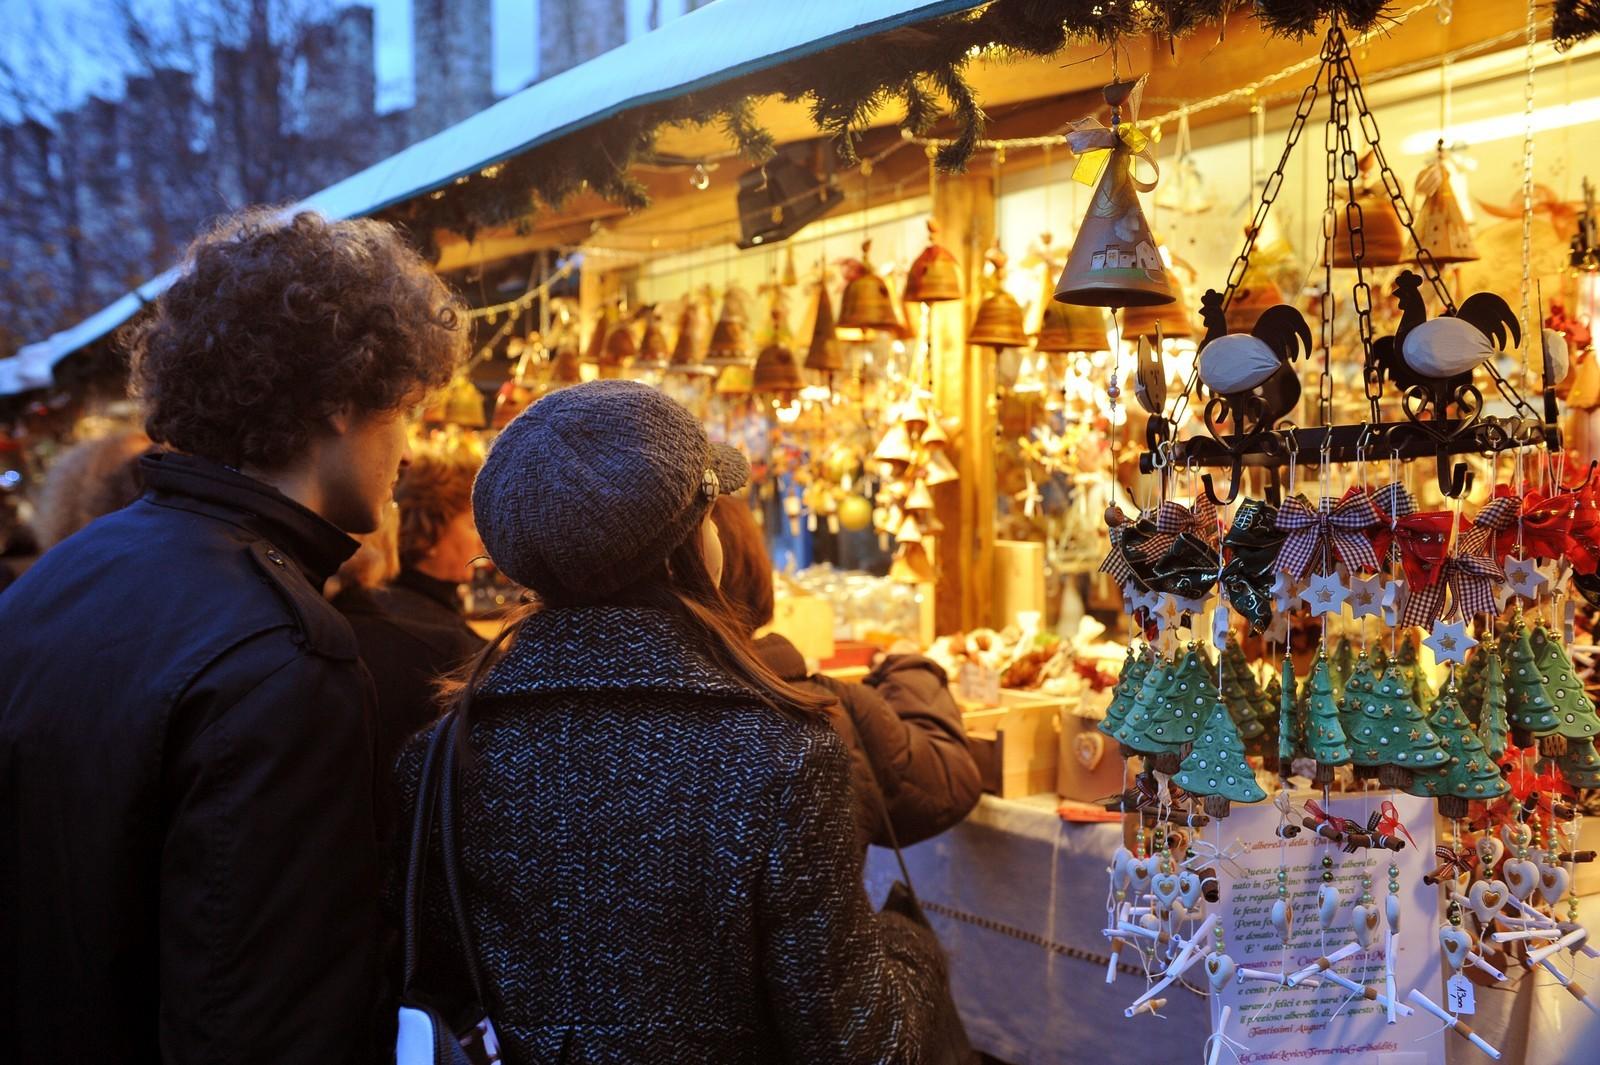 Casette-Mercatino-di-Natale-Trento-foto-M_-Rensi